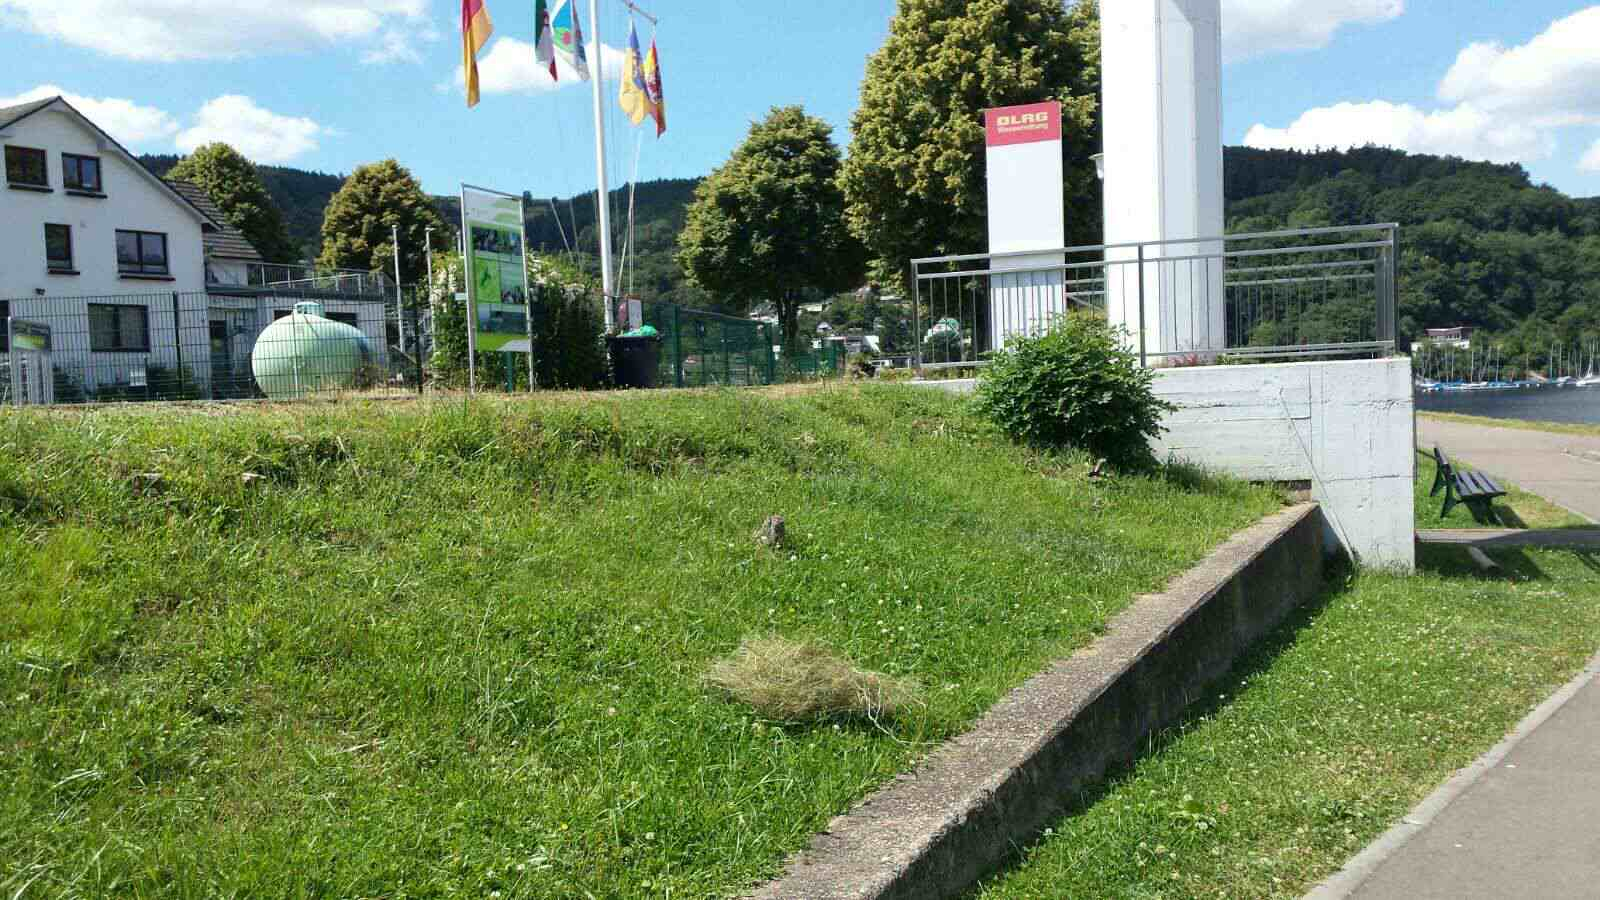 2016_07_18 Grasbueschel an Land